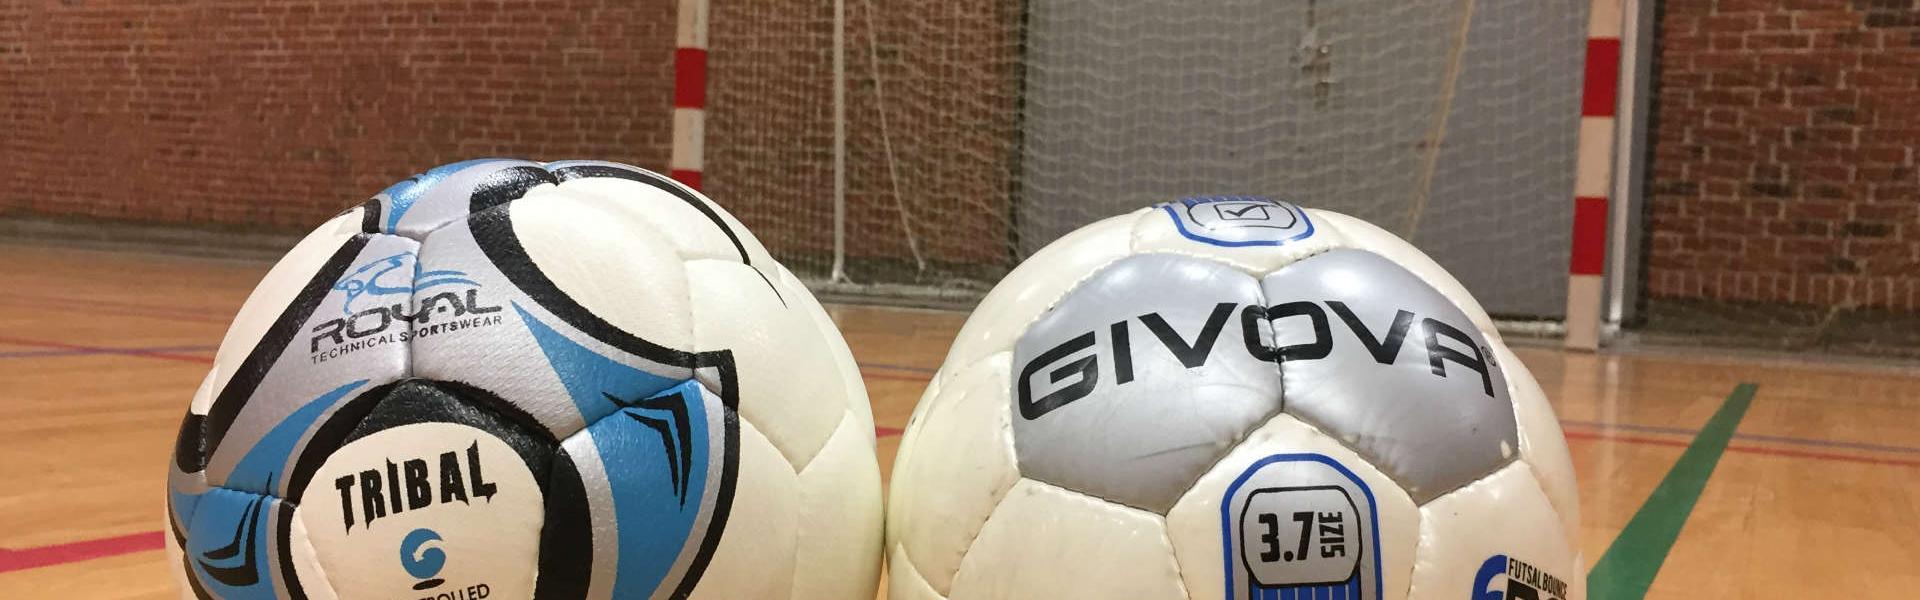 Futsal og indendørs